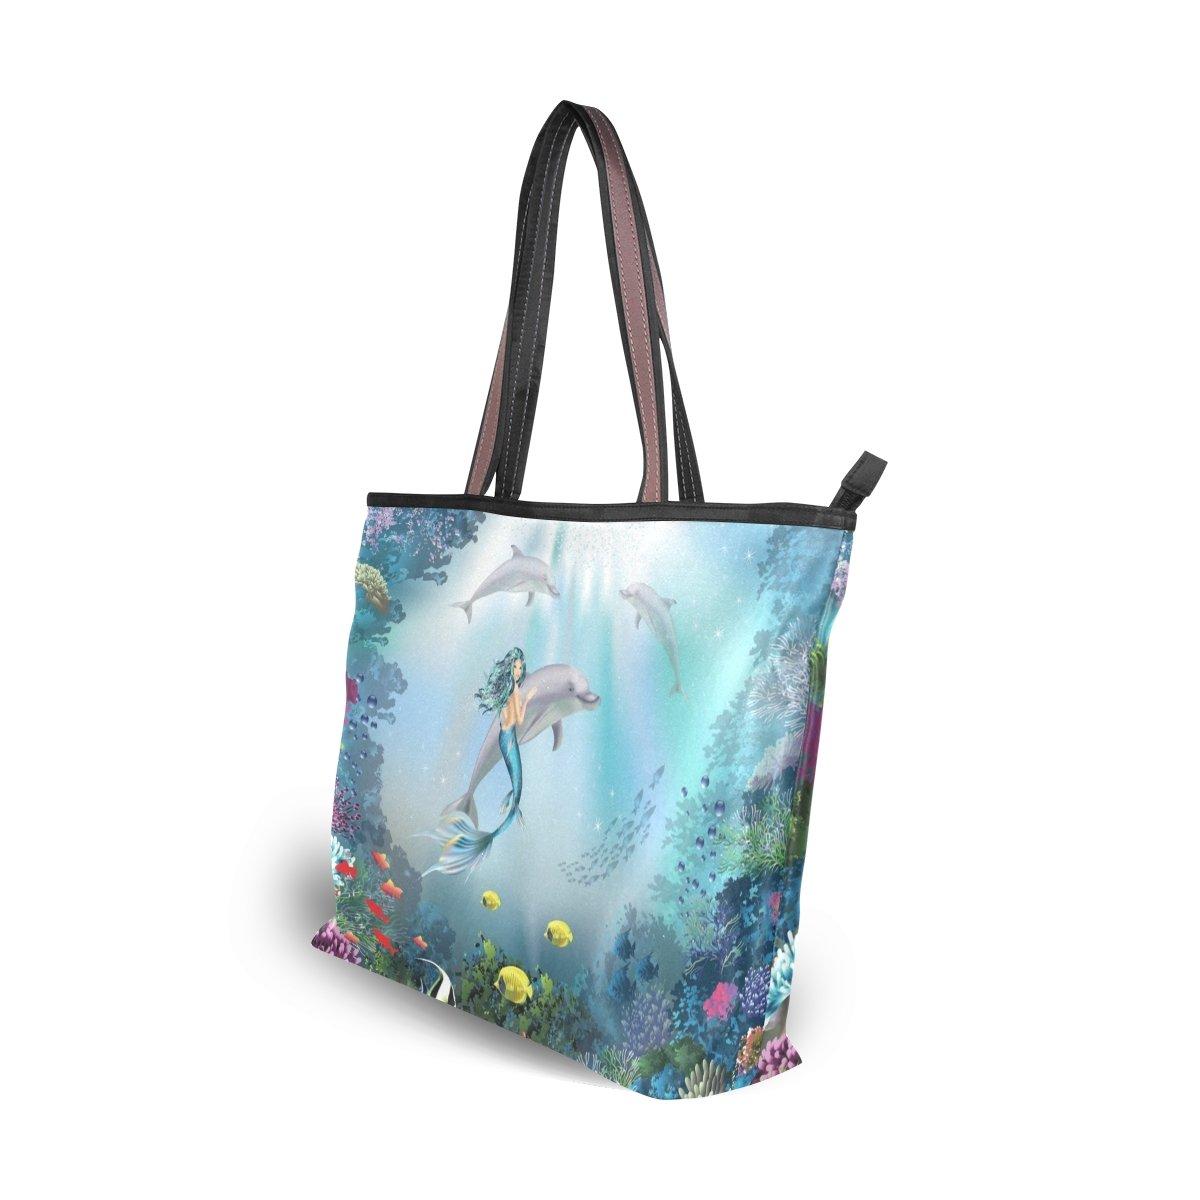 0c9b842ab5d4 Amazon.com: U LIFE Ocean Sea Mermaid Large Carry On Tote Bag ...